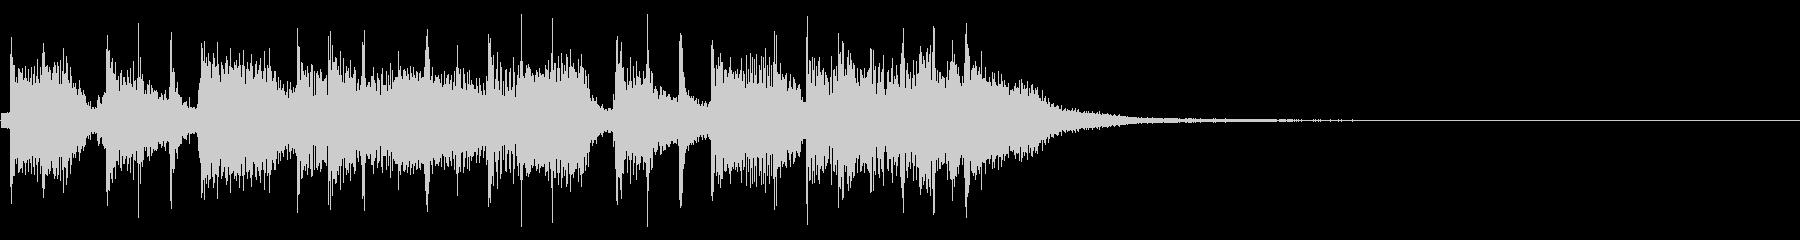 インパクトあるロックなジングル22の未再生の波形